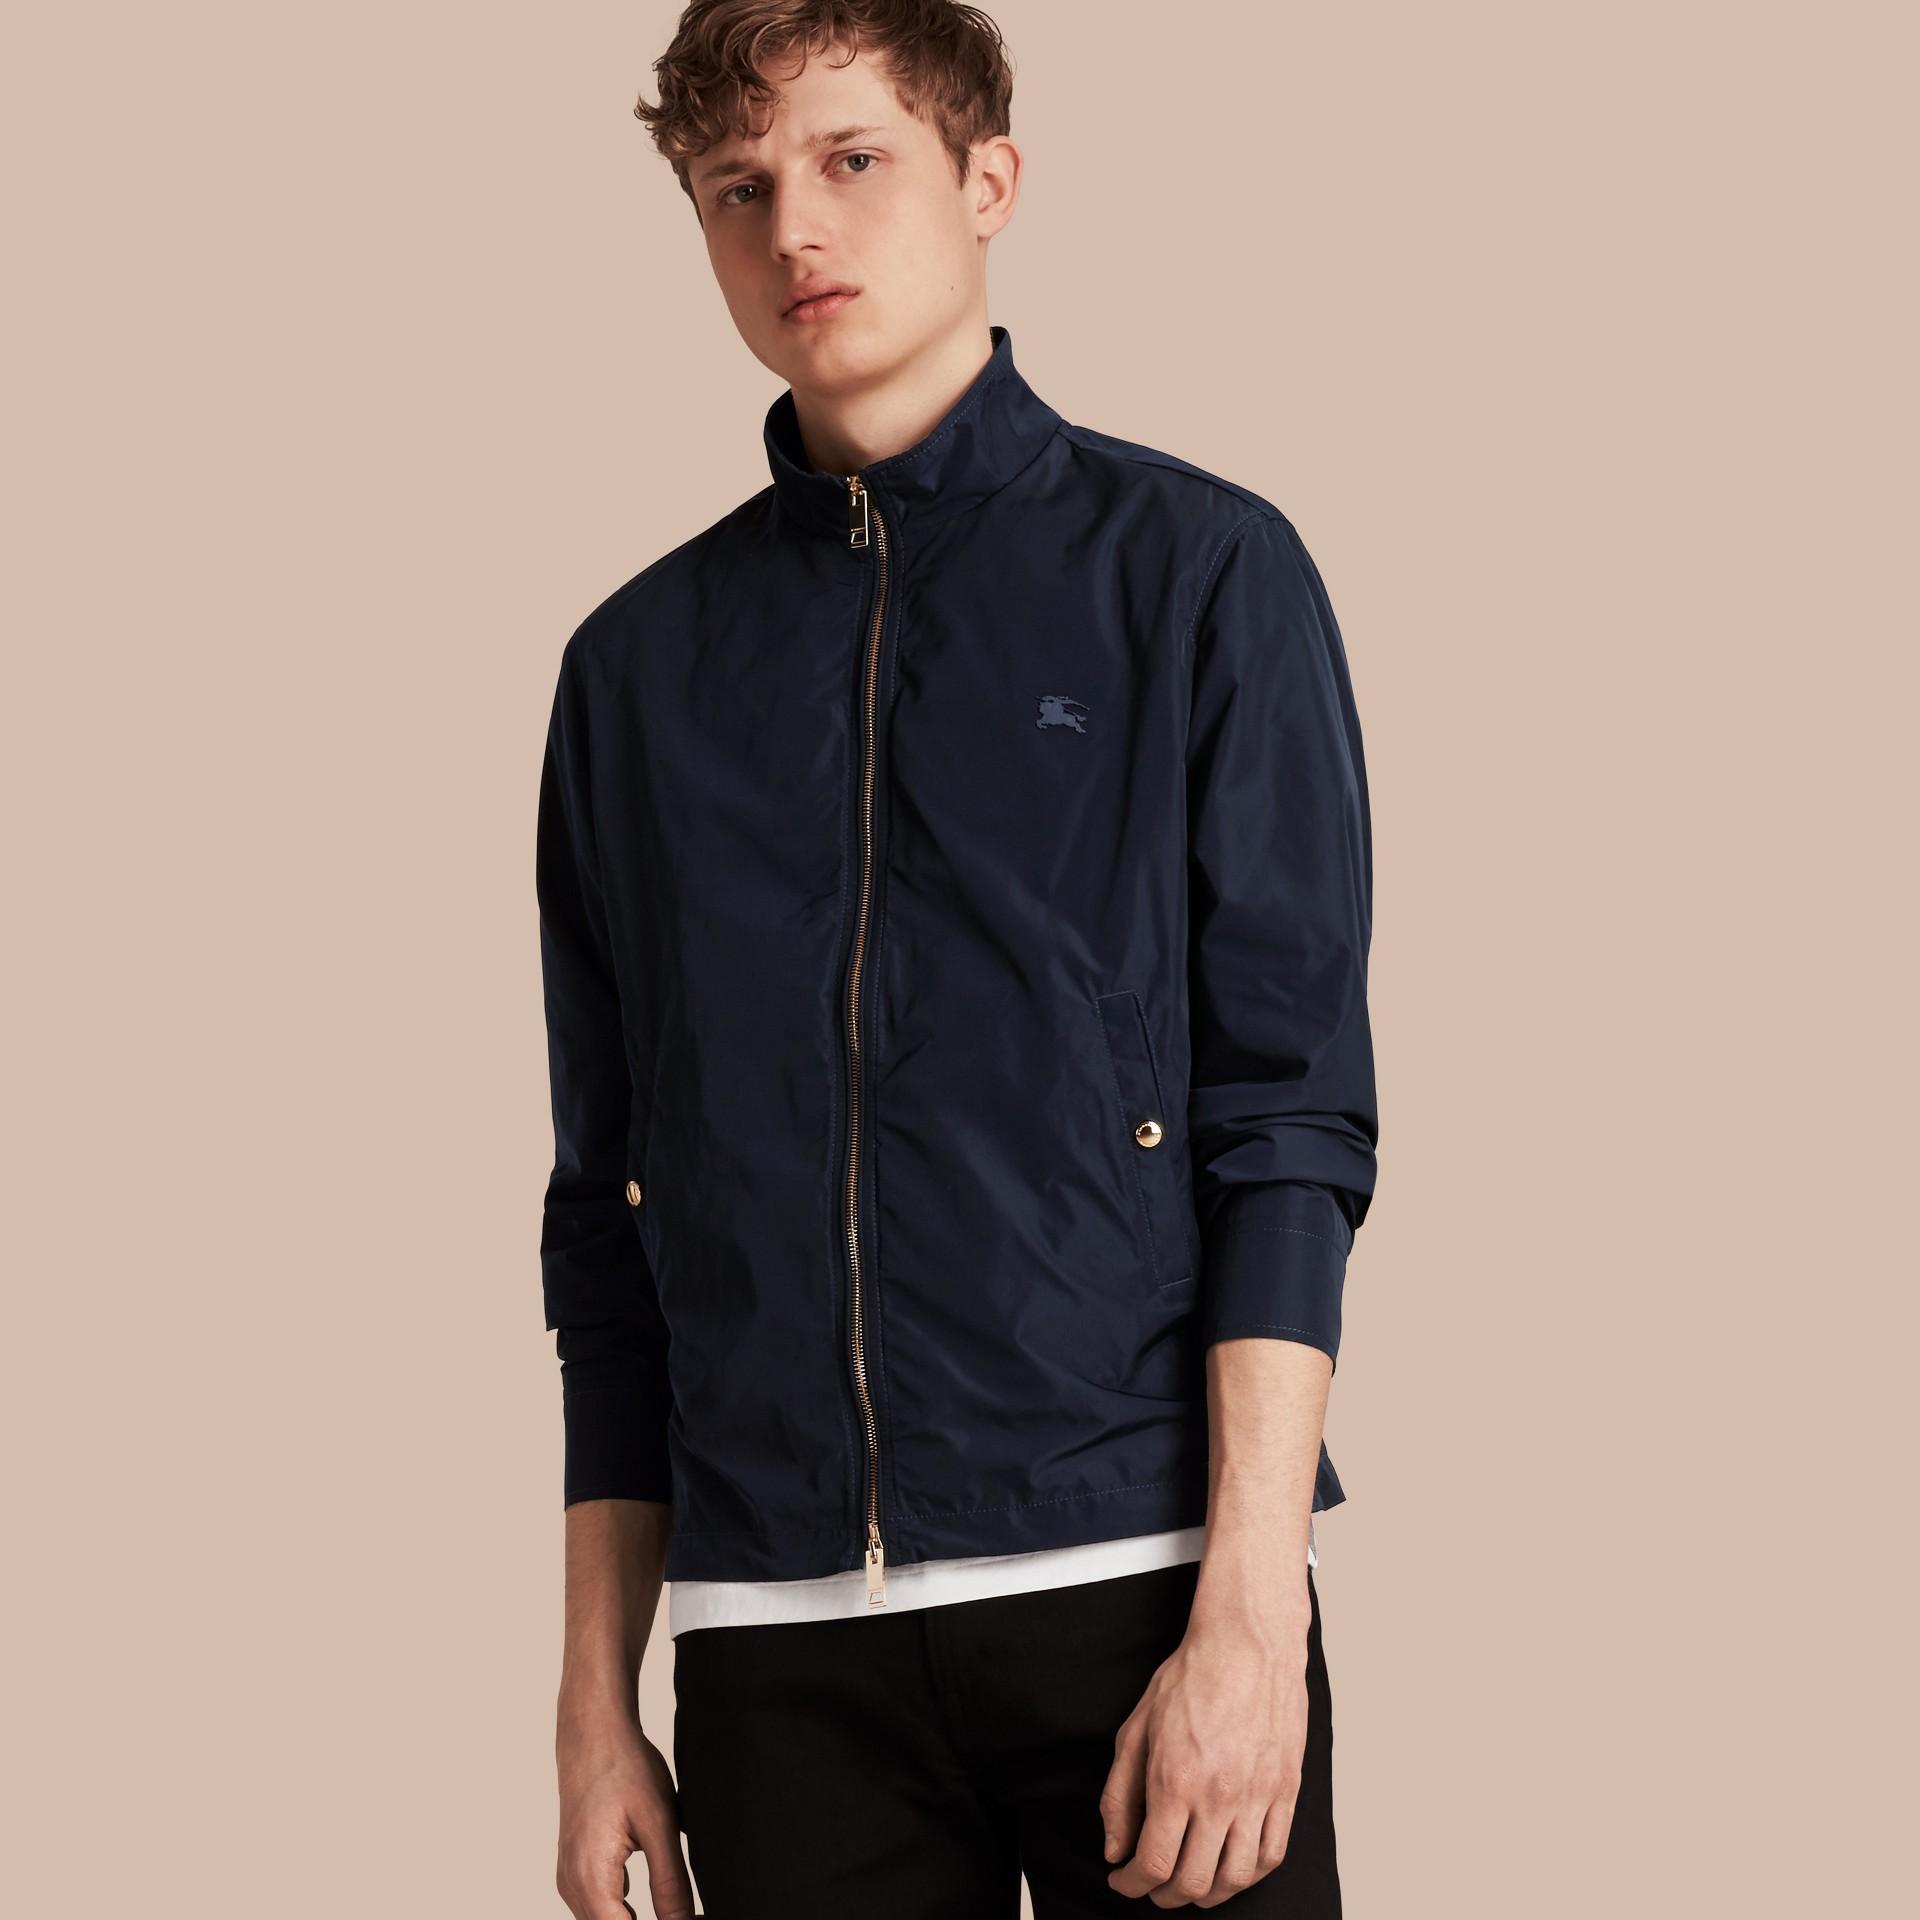 Leichte Jacke aus technischer Faser Tintenblau - Galerie-Bild 1